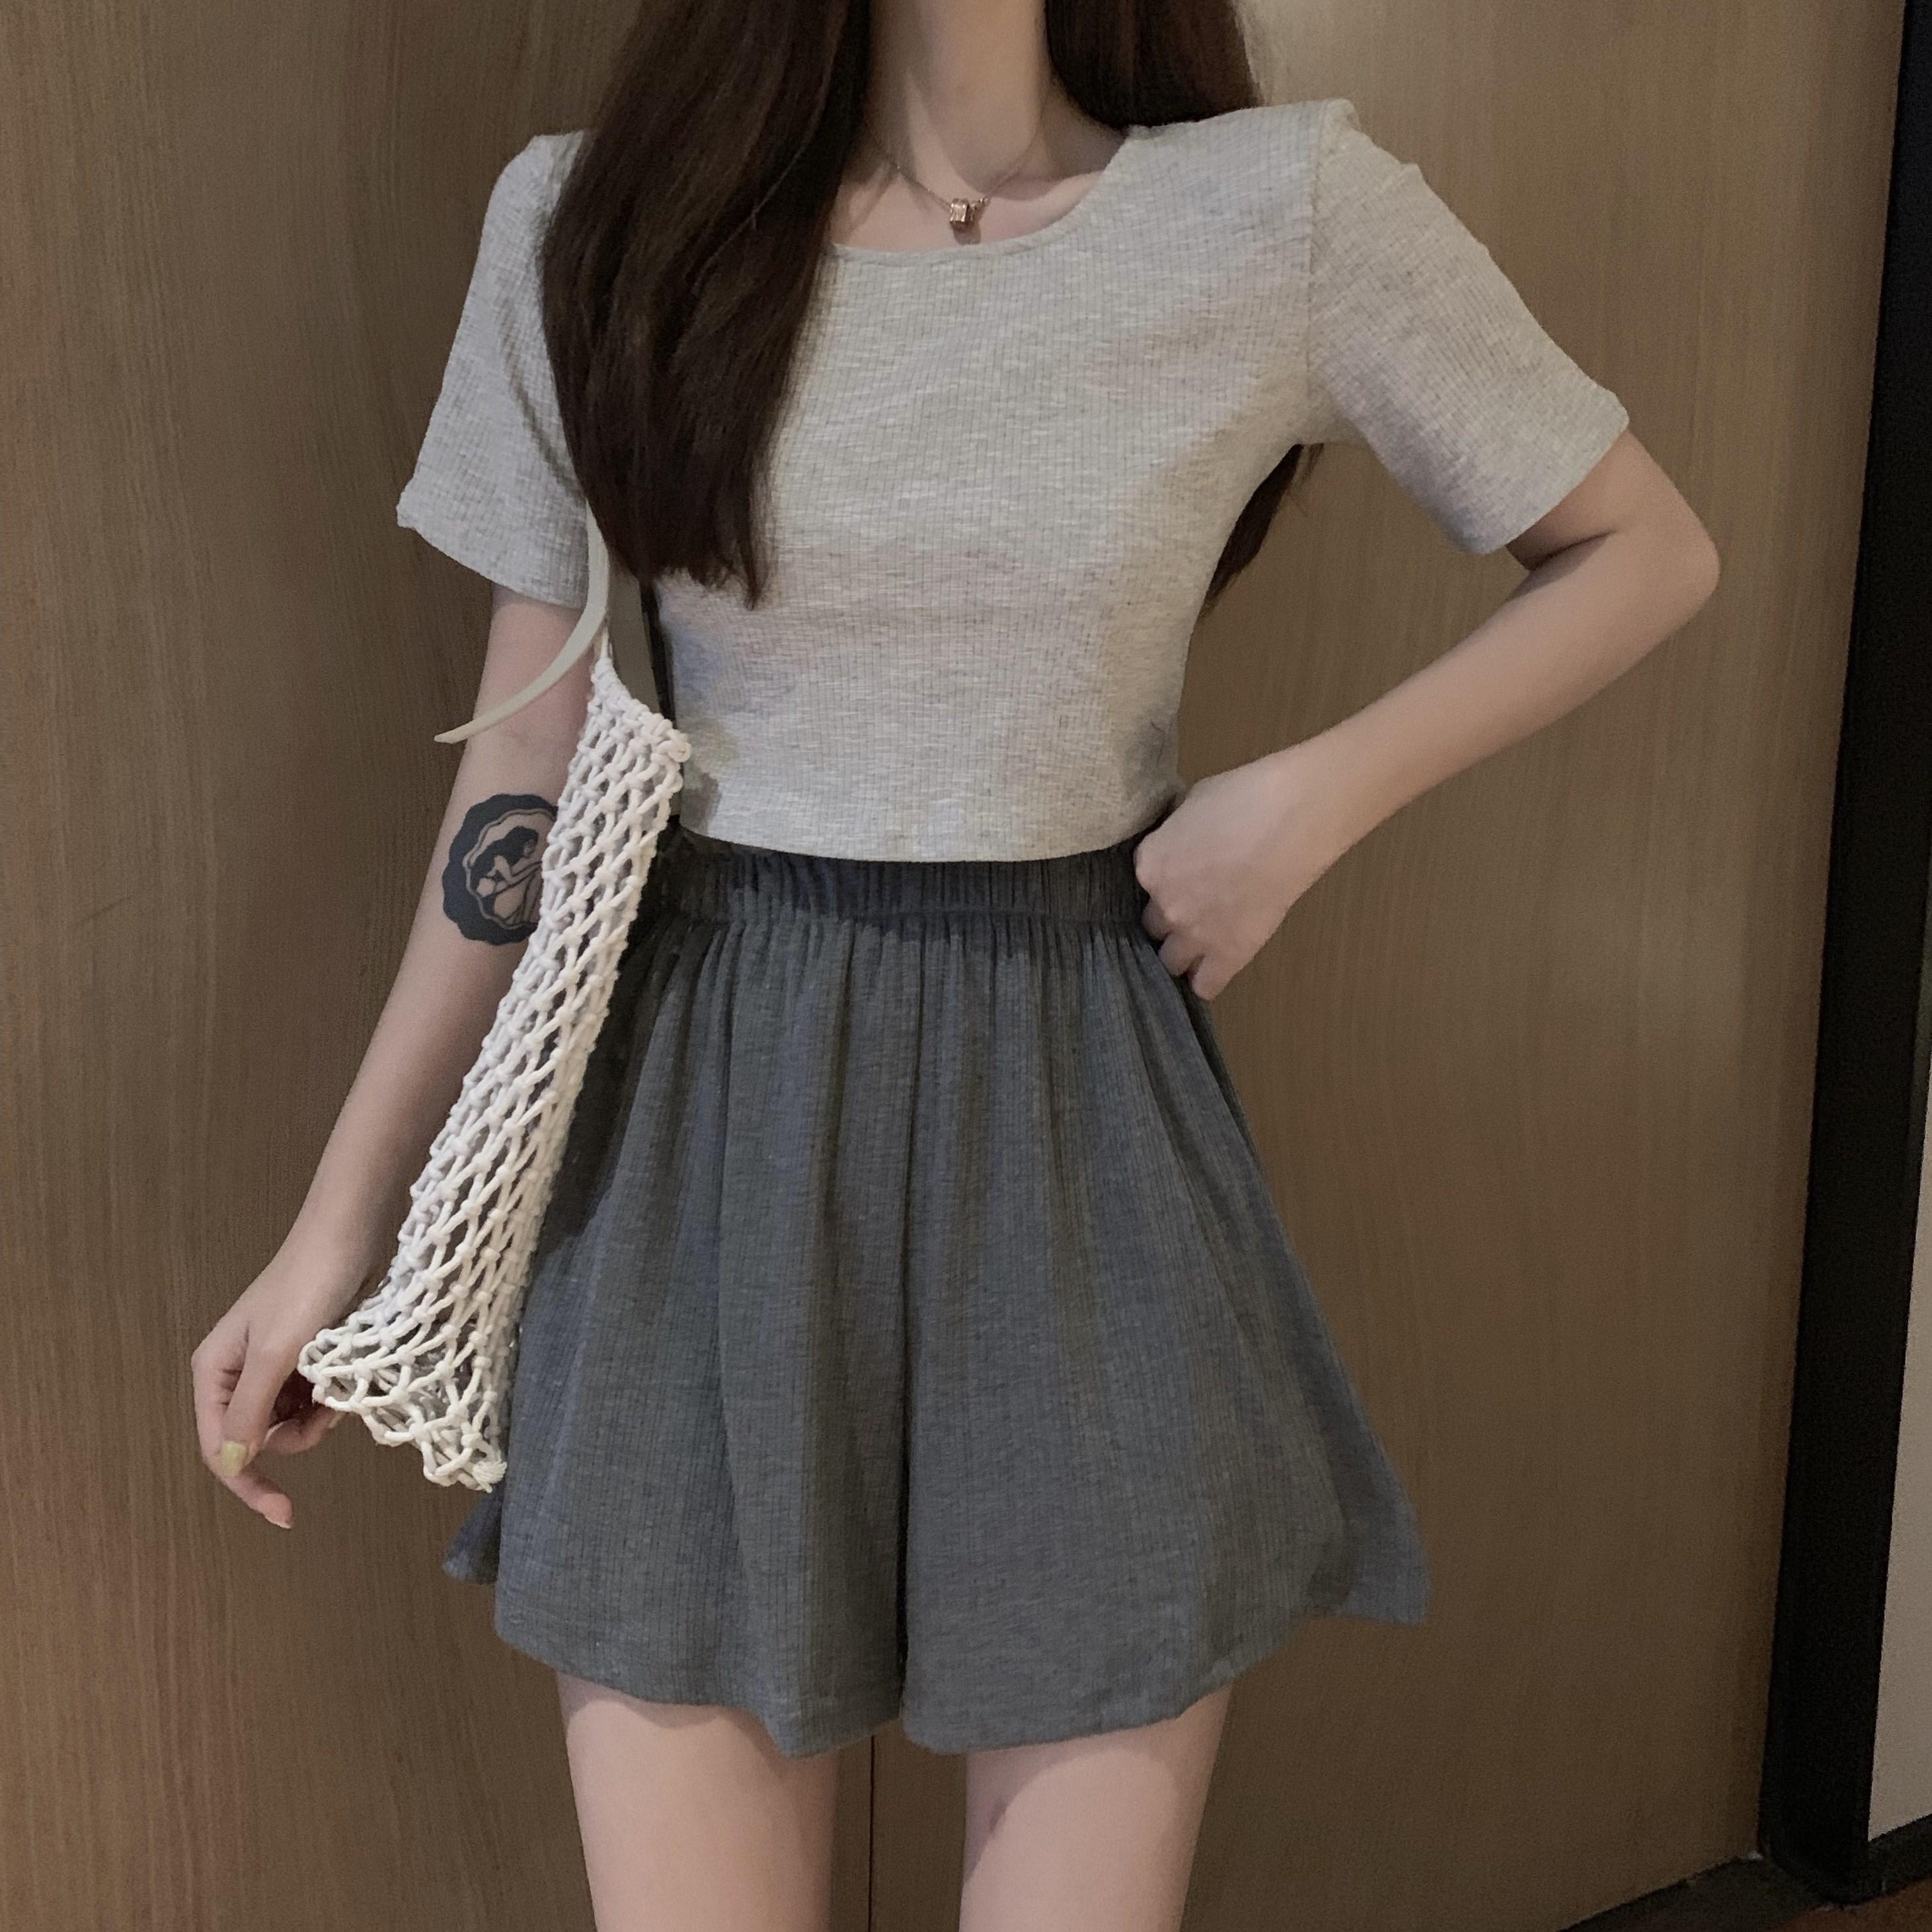 时尚套装裙女2019夏季新款鬼马少女短款T恤+高腰裤裙运动风两件套